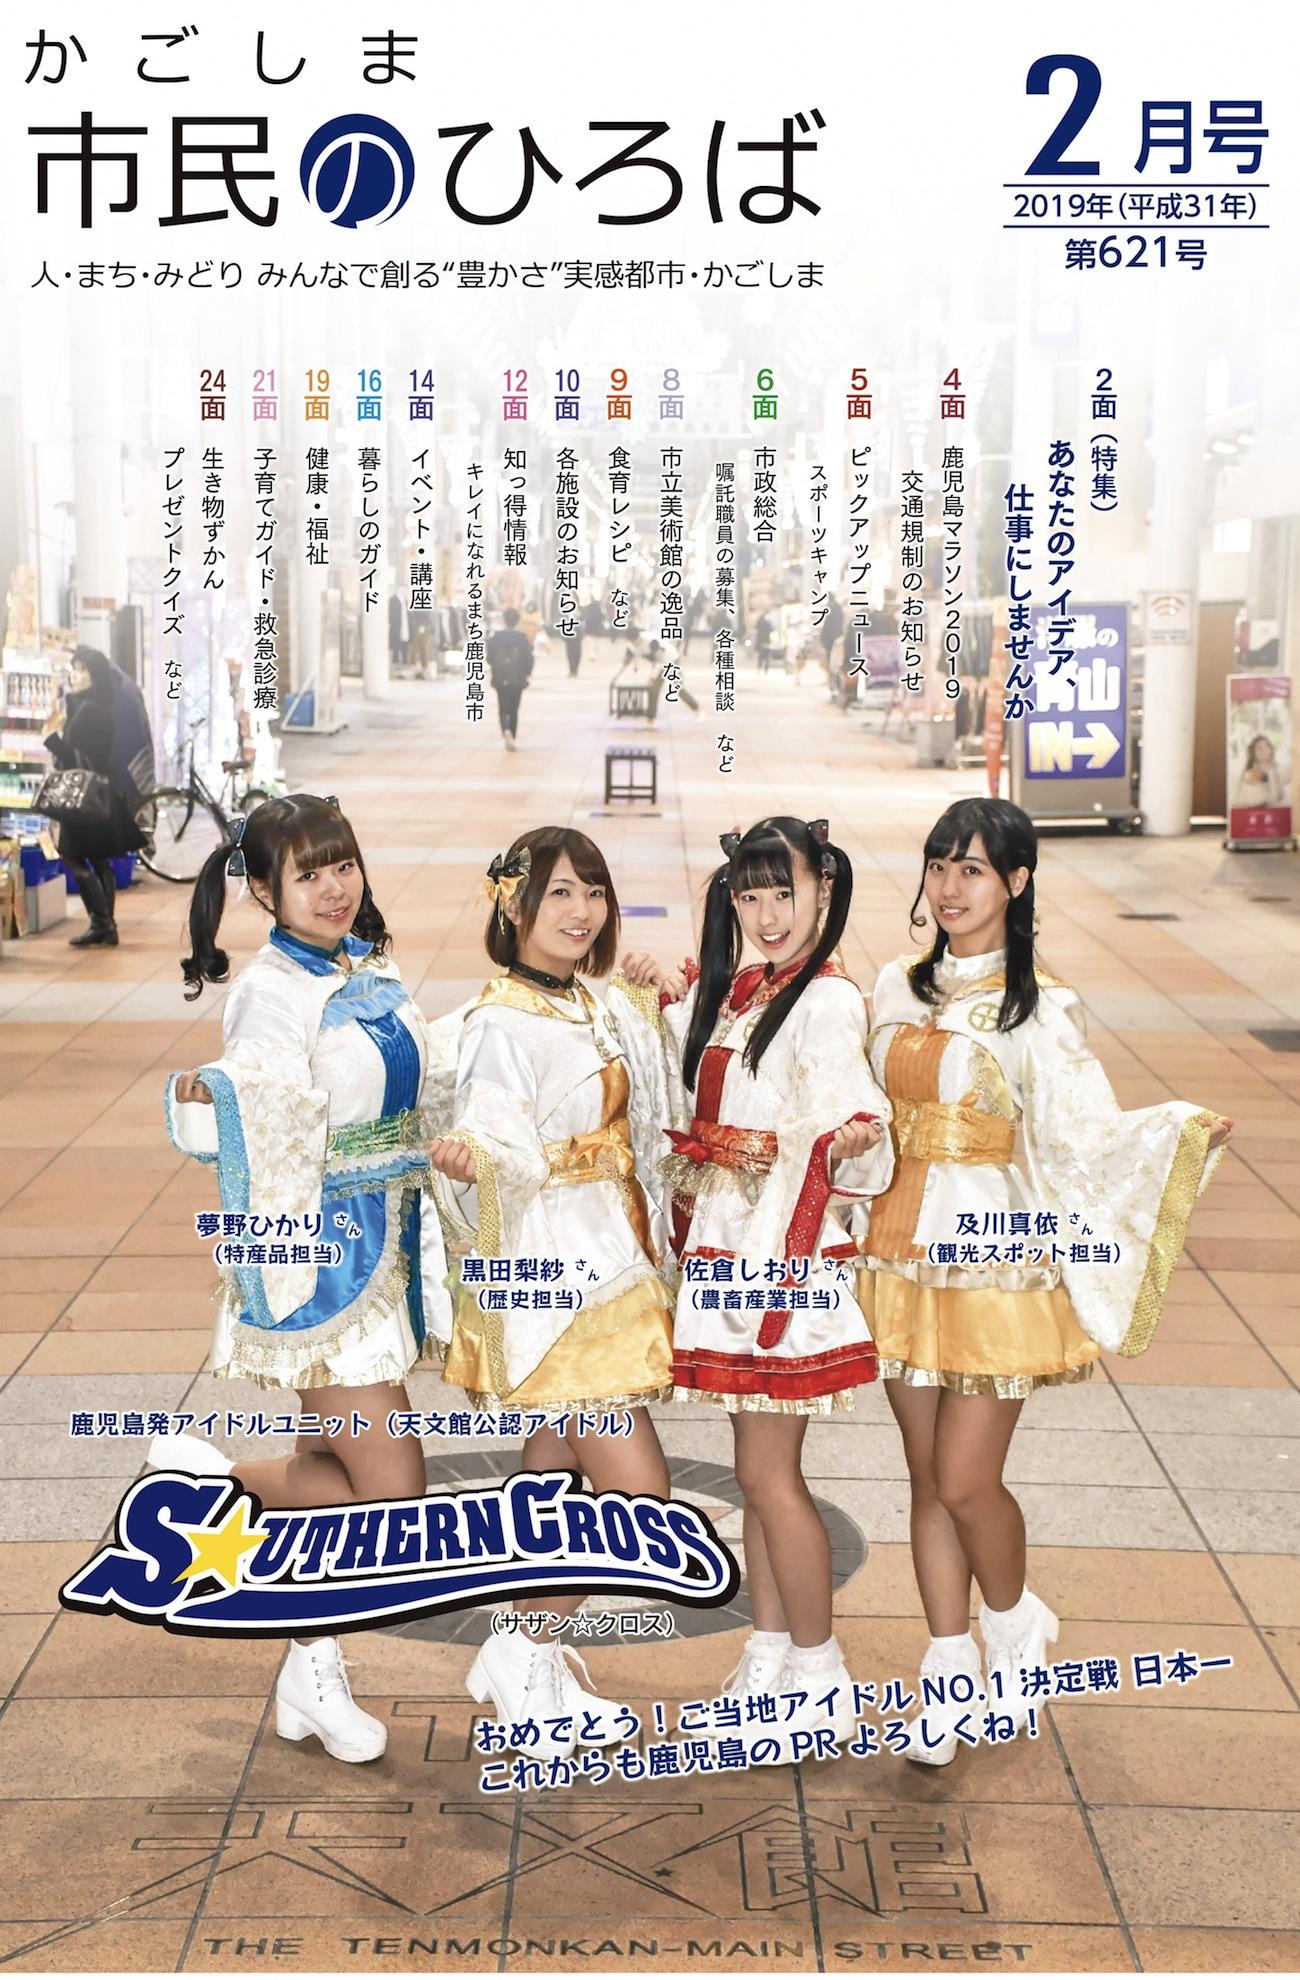 S☆UTHERN CROSS(サザン クロス)/鹿児島市・市政広報紙「かごしま市民のひろば」2月号表紙